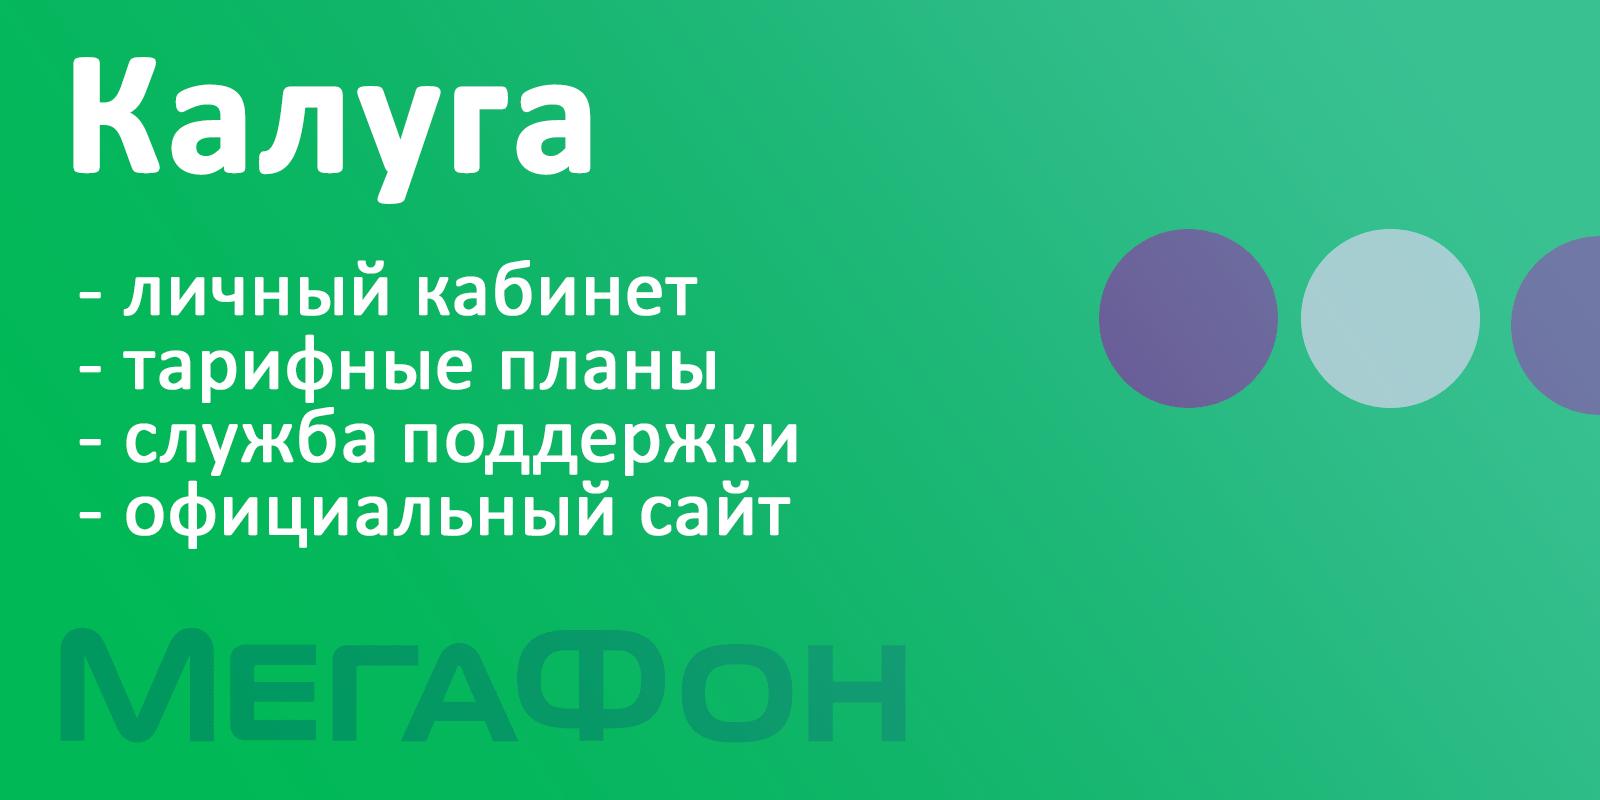 Мегафон Калуга - тарифы, официальный сайт, личный кабинет